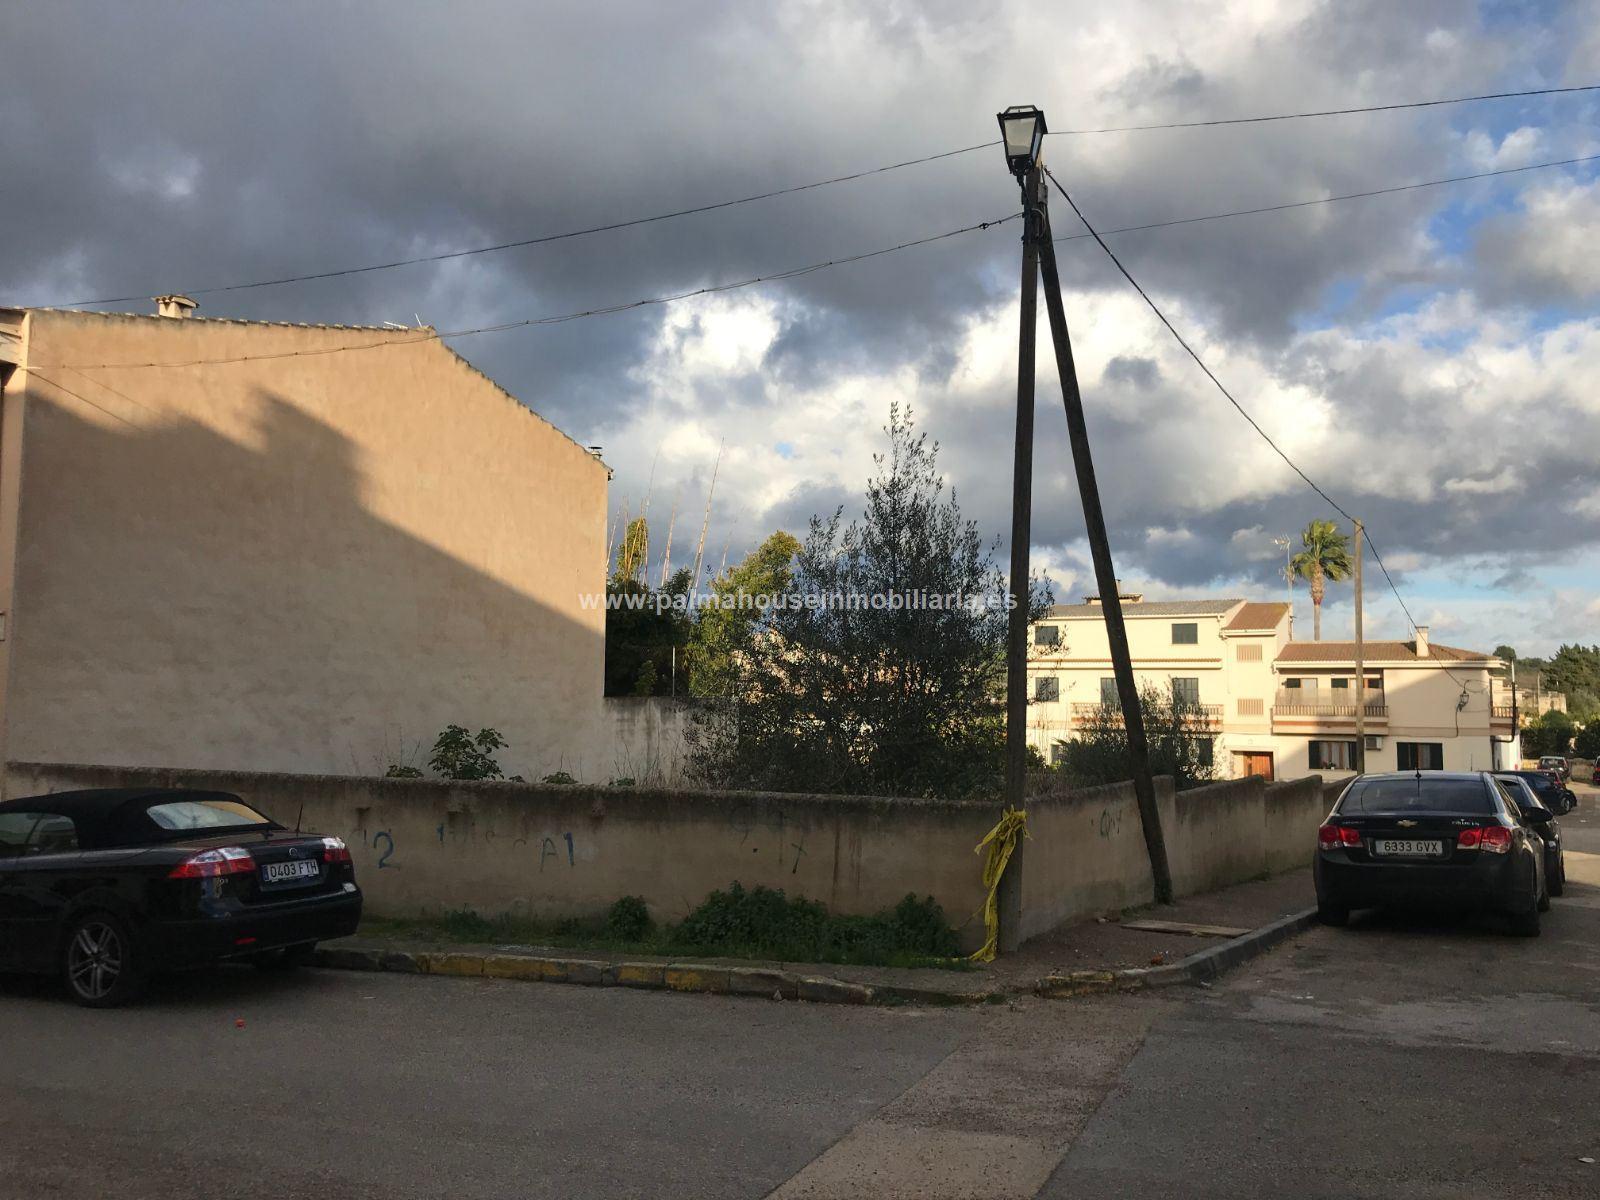 Solar urbano  Santa margalida - santa margarita. Gran solar urbano!!!